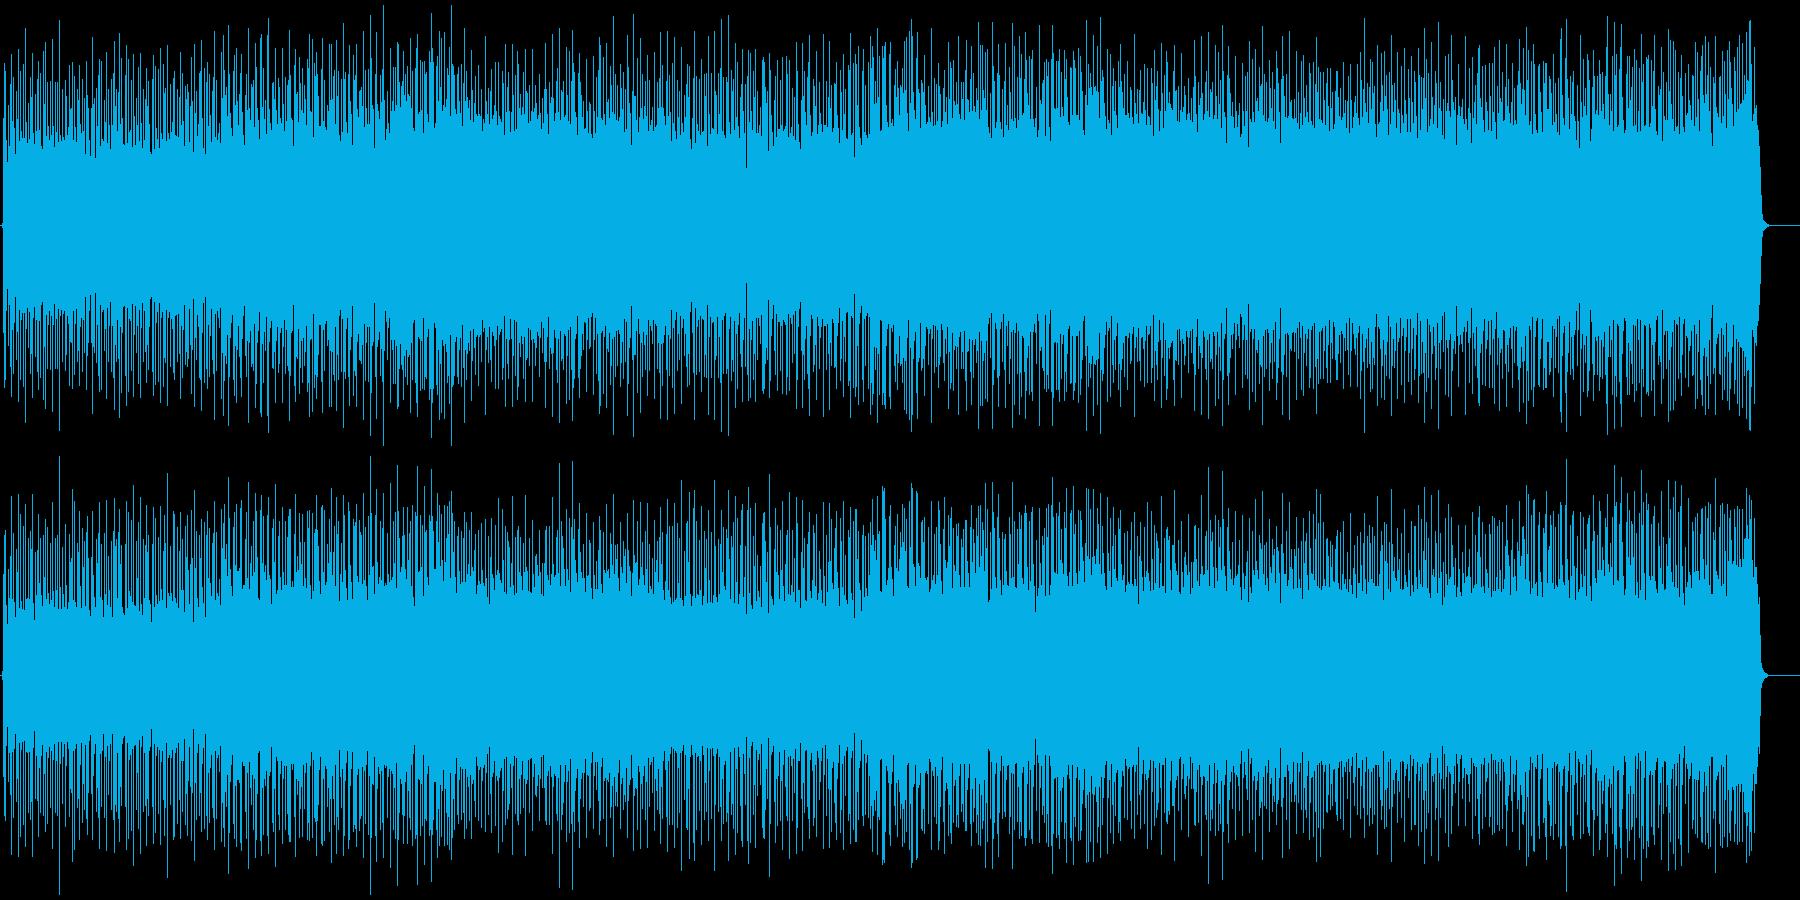 ド派手な退場曲で二次会へと盛り上がるの再生済みの波形